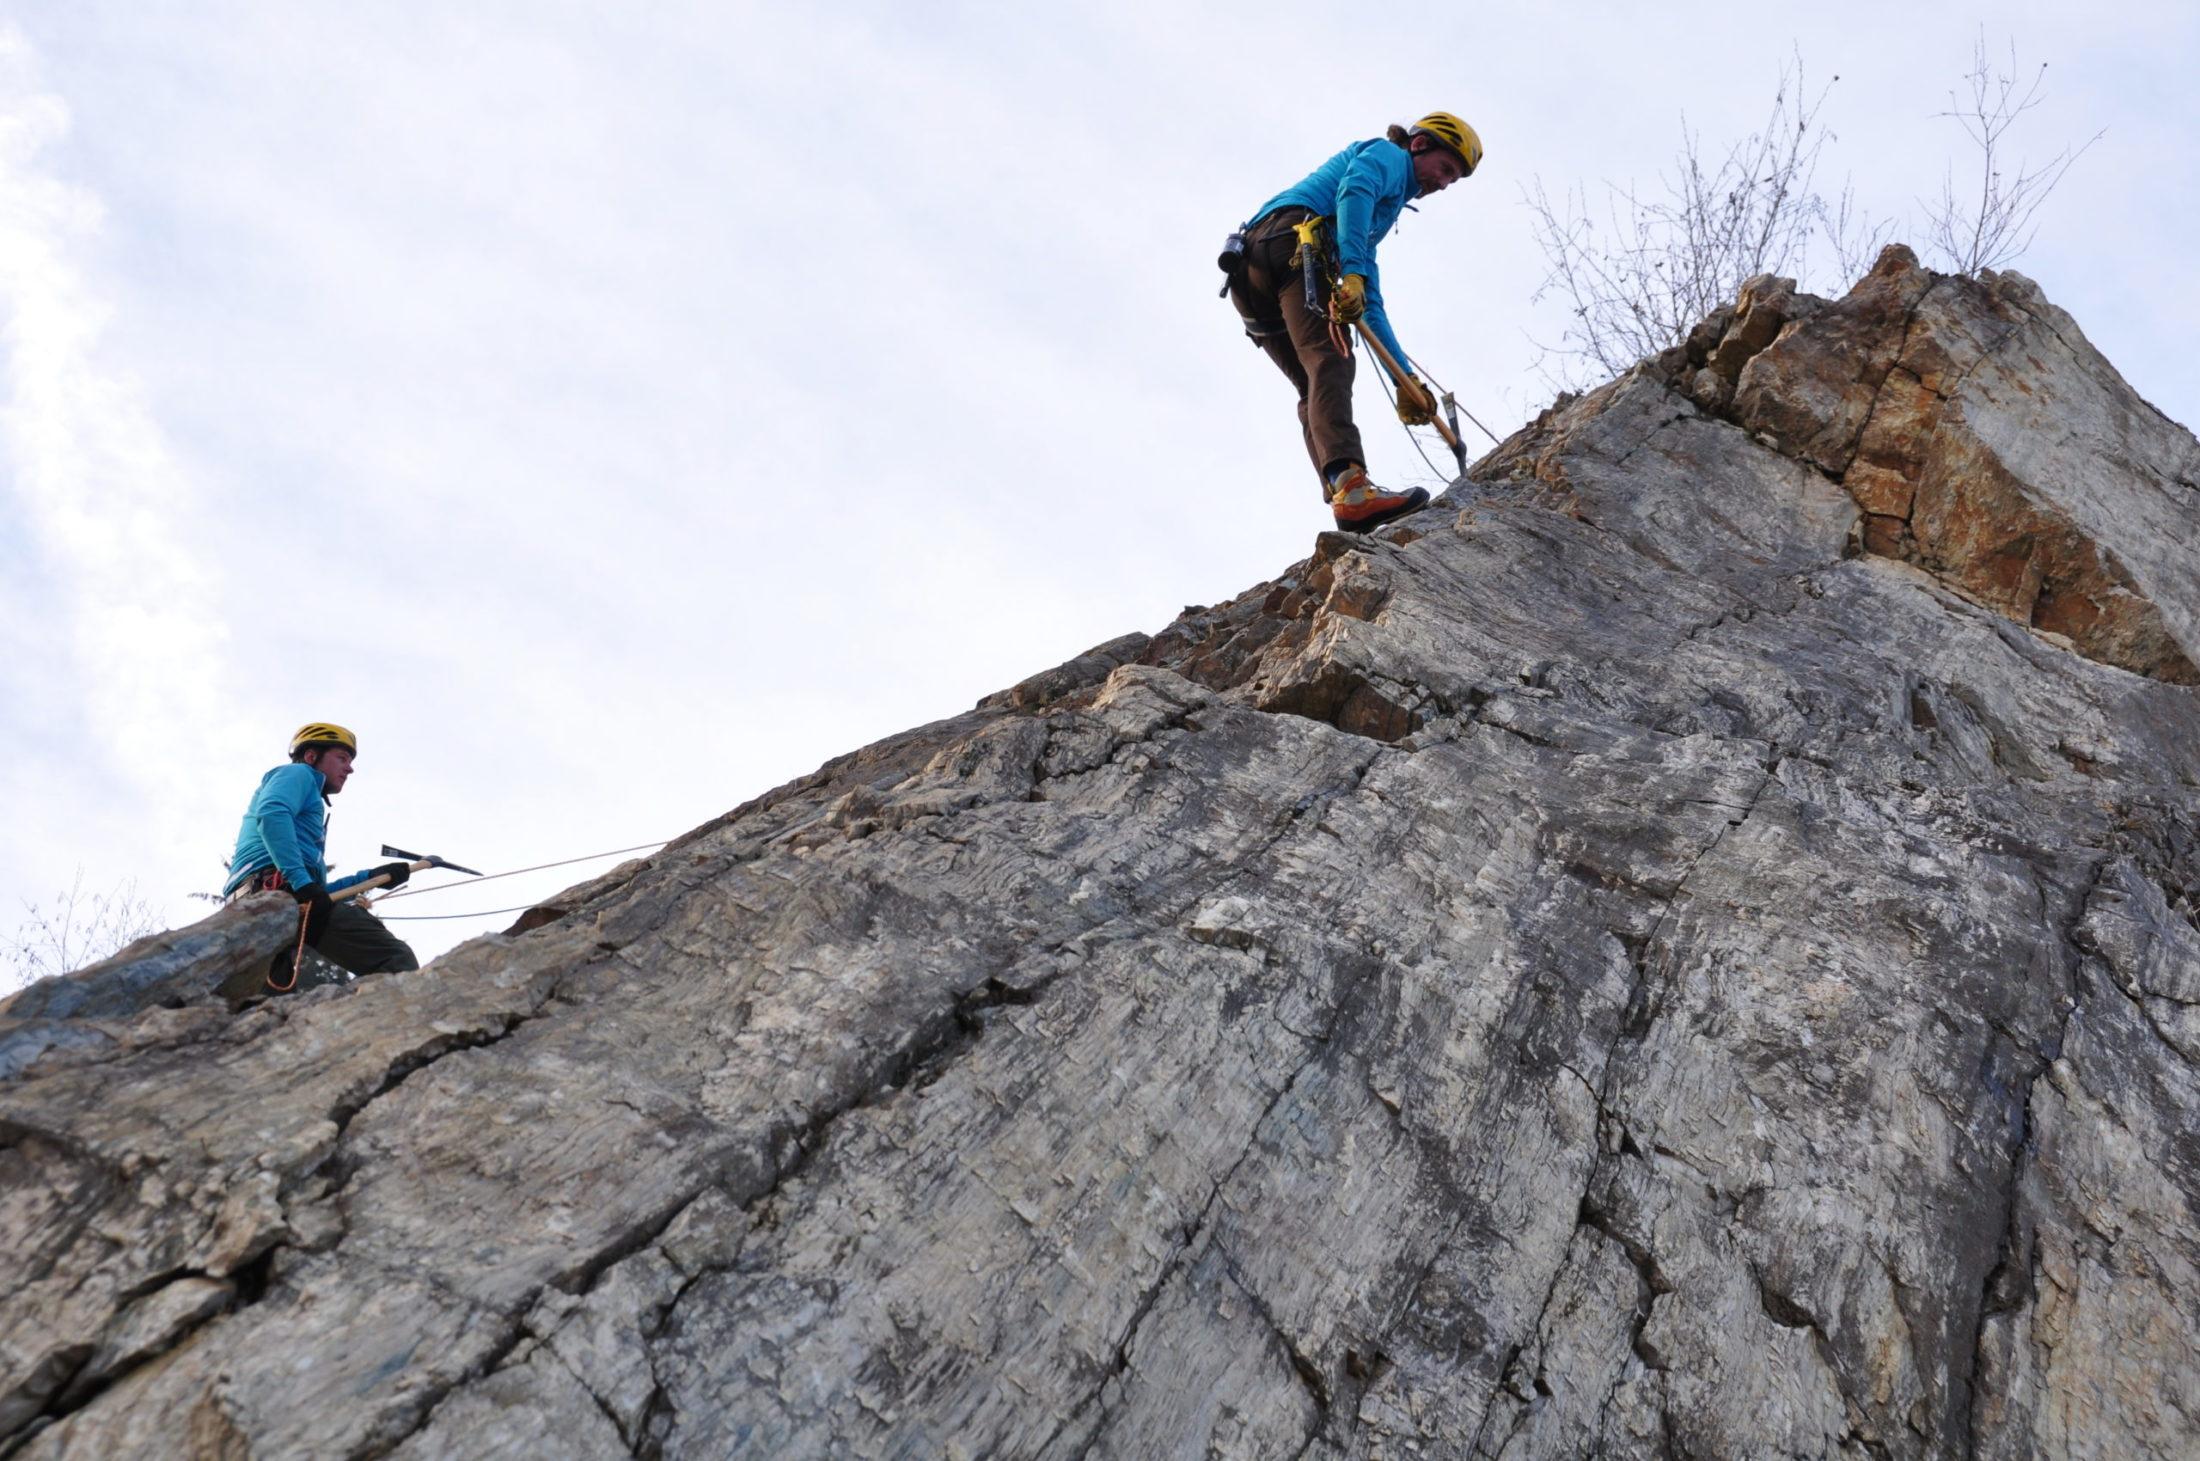 Felsrauemarbeiten mit Spitzhacke am Seil